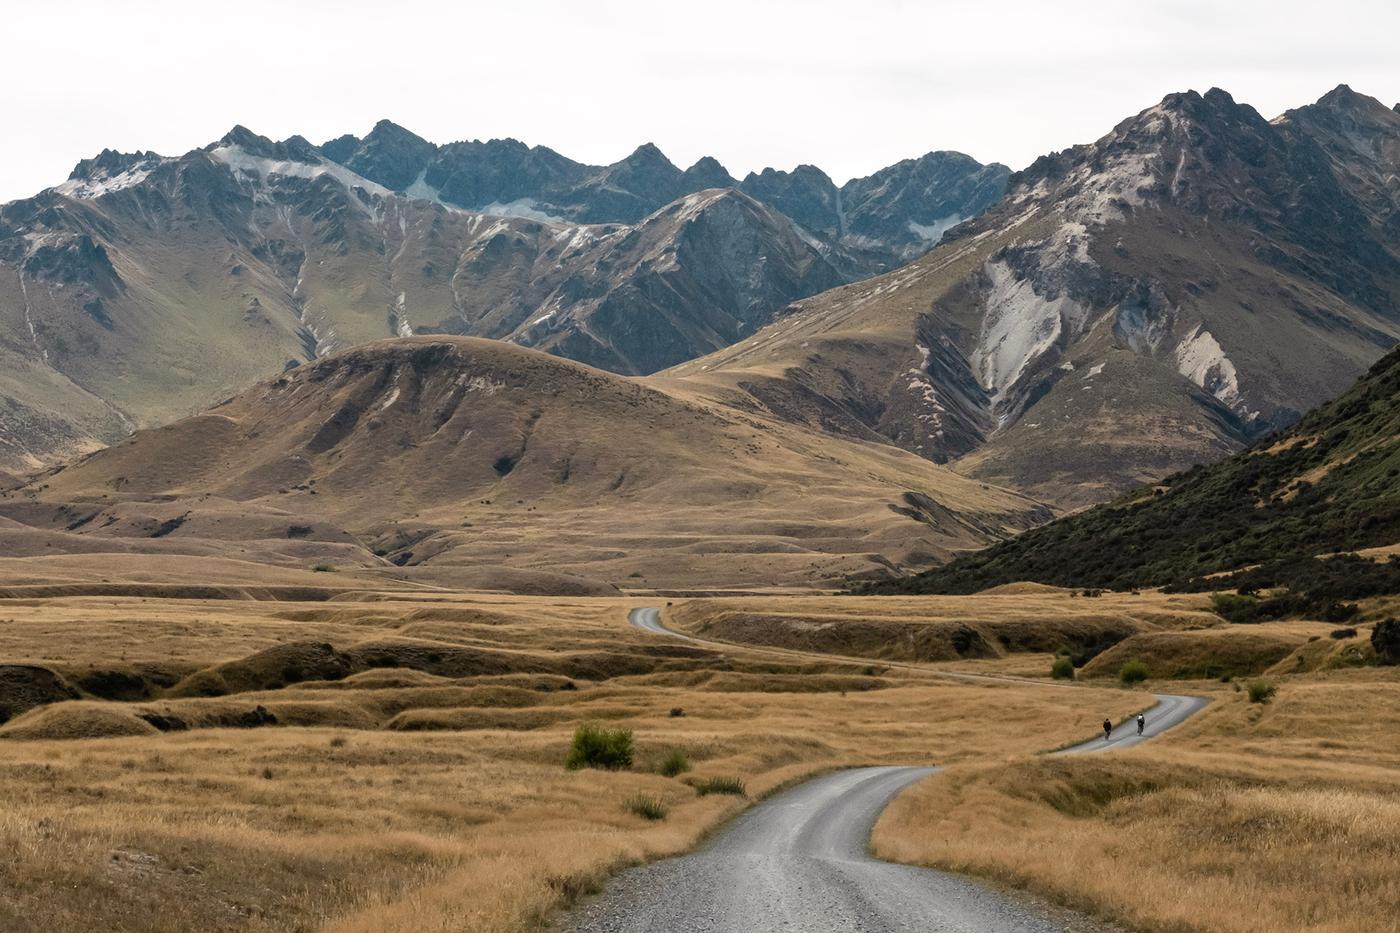 Around the Mountains Trail: Touring New Zealand's Te Waipounamu South Alps